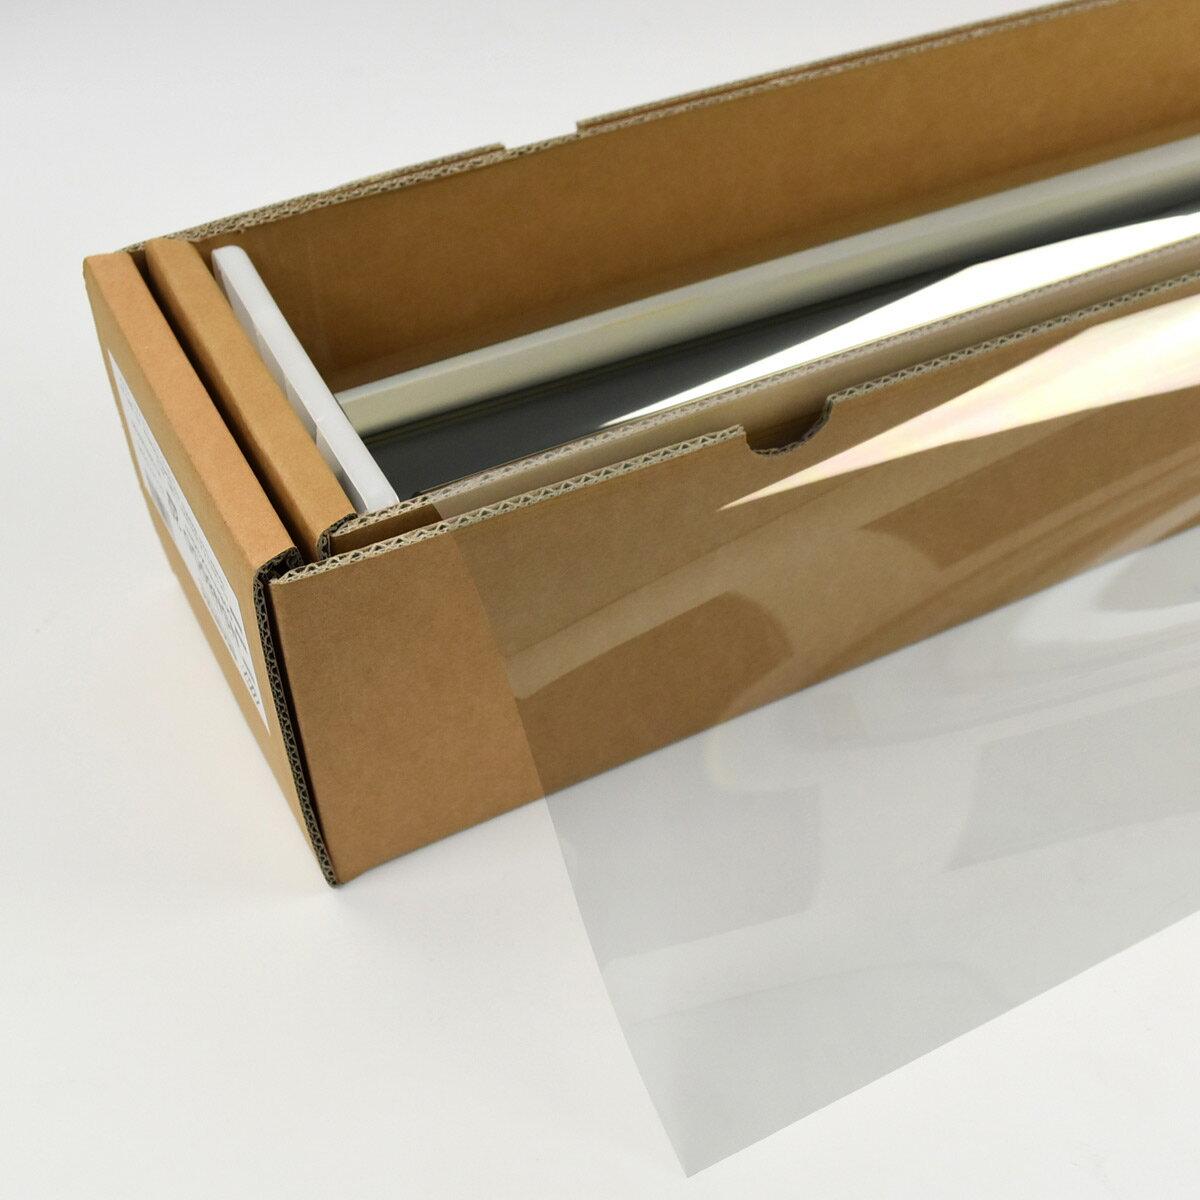 ウィンドウフィルム 窓ガラスフィルム スパッタゴールド80 1.5m幅×30mロール箱売(020) 遮熱フィルム 断熱フィルム UVカットフィルム ブレインテック Braintec:カーフィルム スモーク Braintec